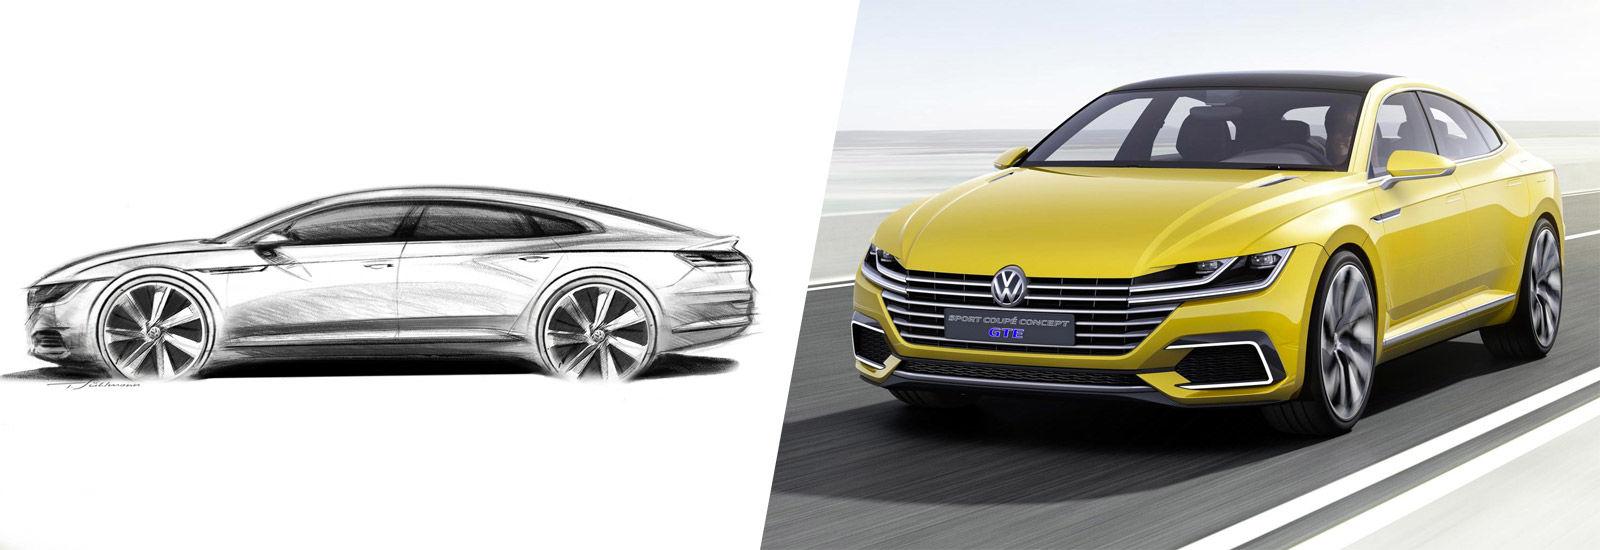 Concept Cars For Sale | Autos Post